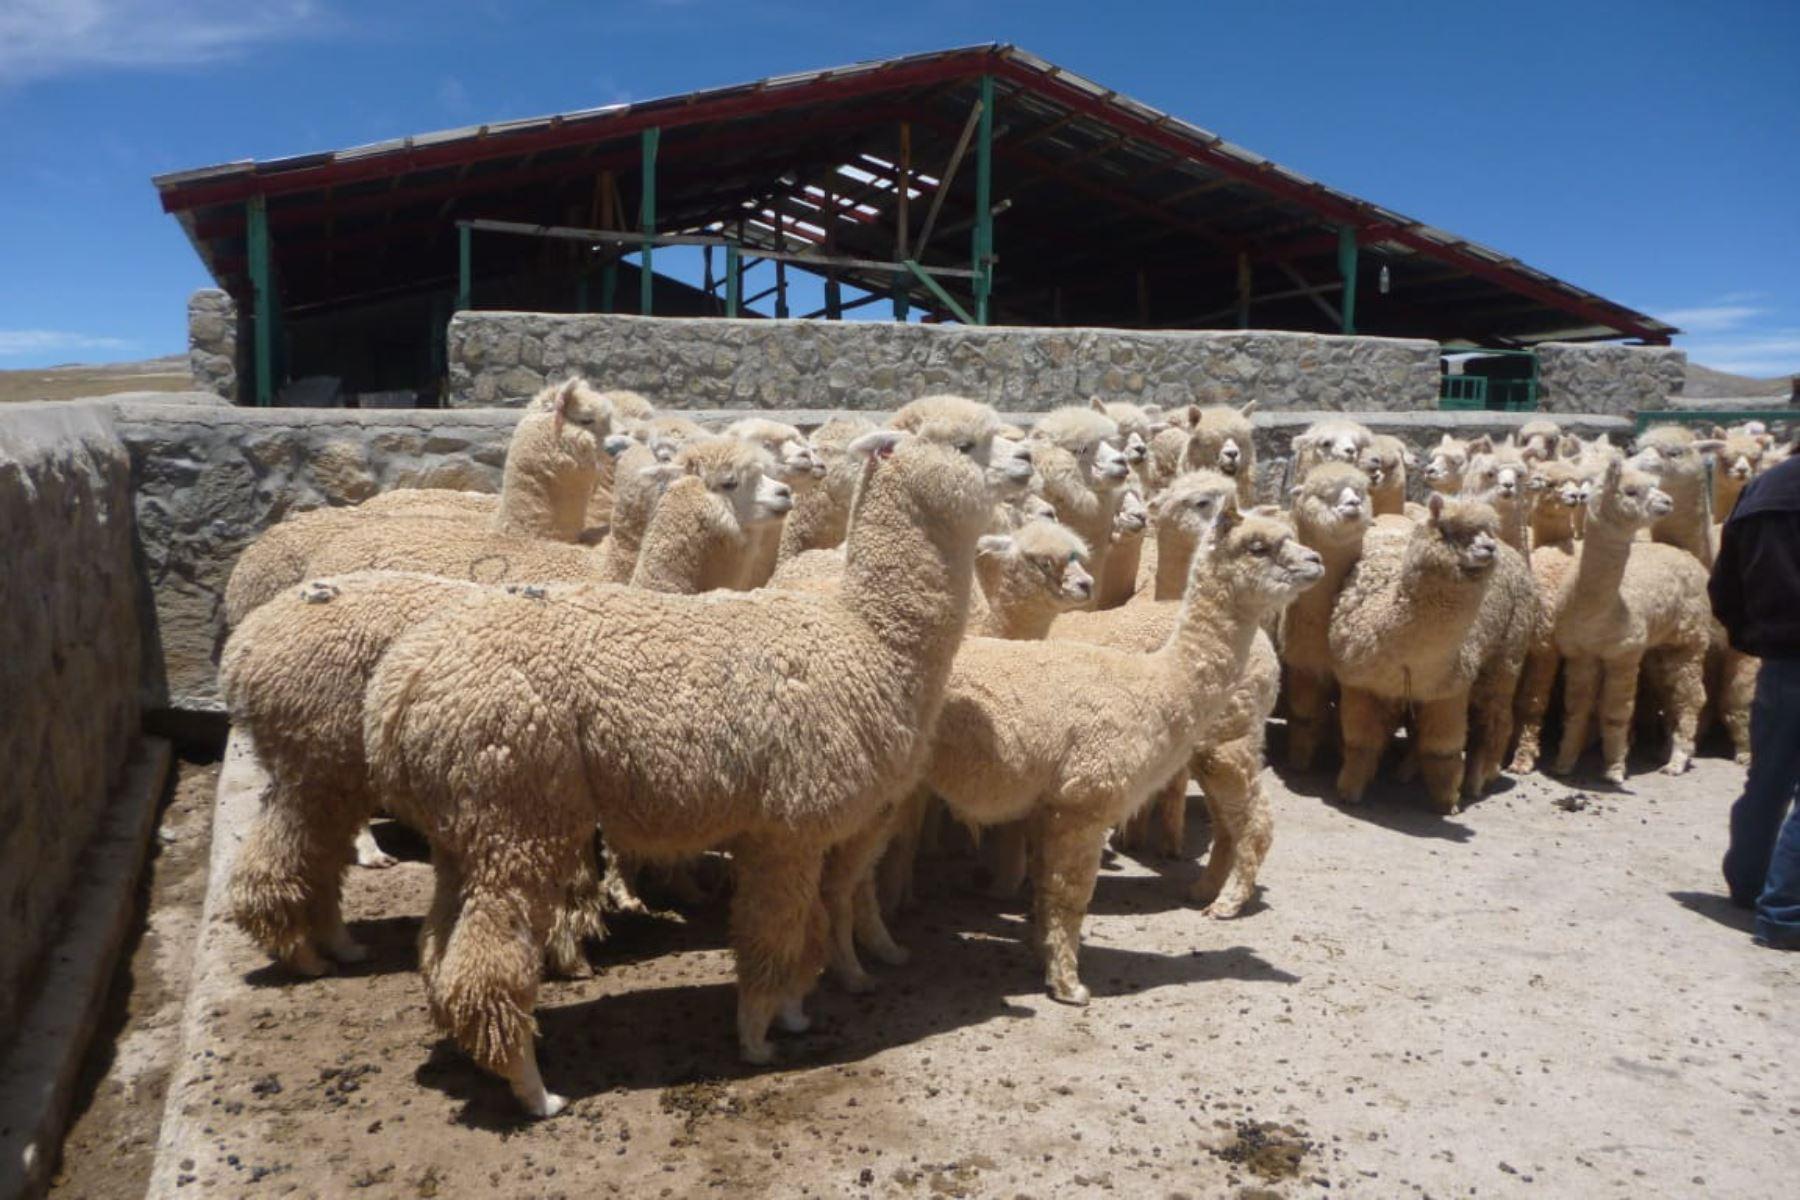 Ministerio de Agricultura y Riego implementará cobertizos para proteger a alpacas y ovinos de las heladas y bajas temperaturas. ANDINA/Difusión